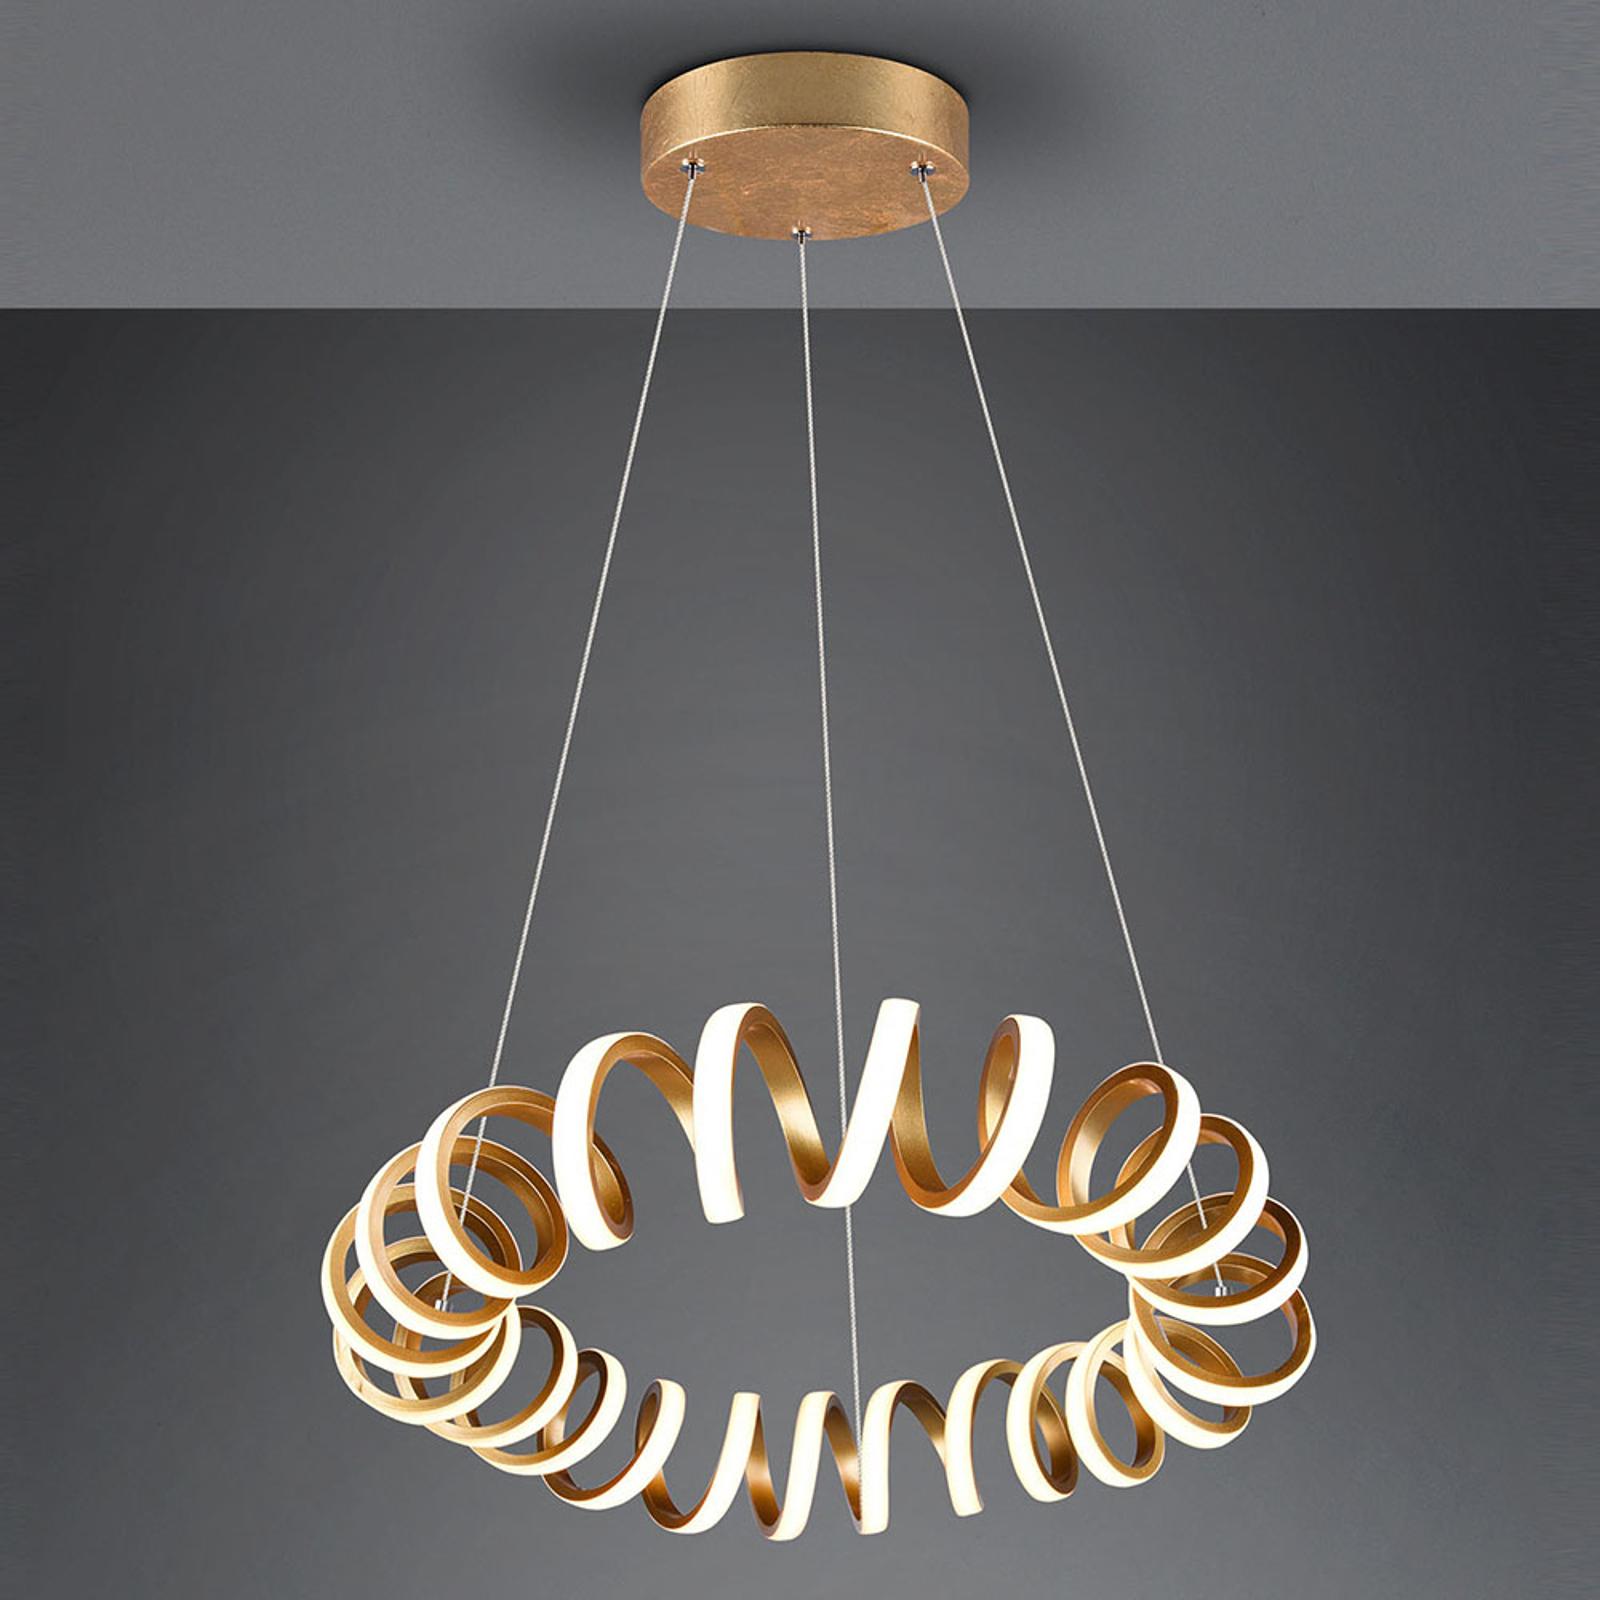 Lampa wisząca LED Curl, SwitchDim, złota